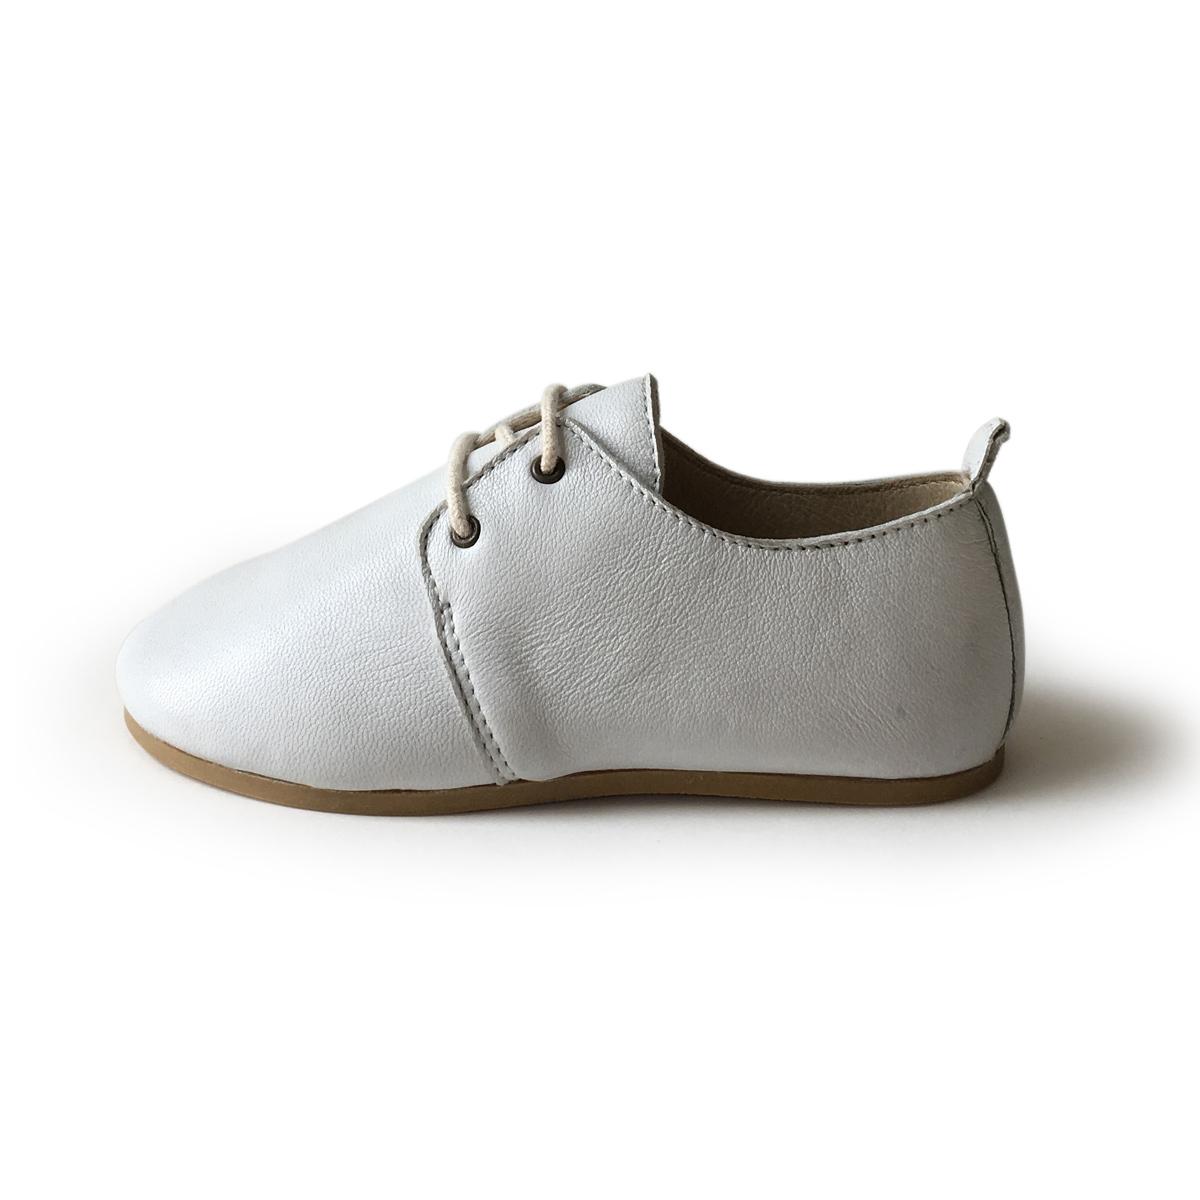 Chaussons & Chaussures Petit Paris Trend Blanc - Taille 25 Petit Paris Trend Blanc - Taille 25